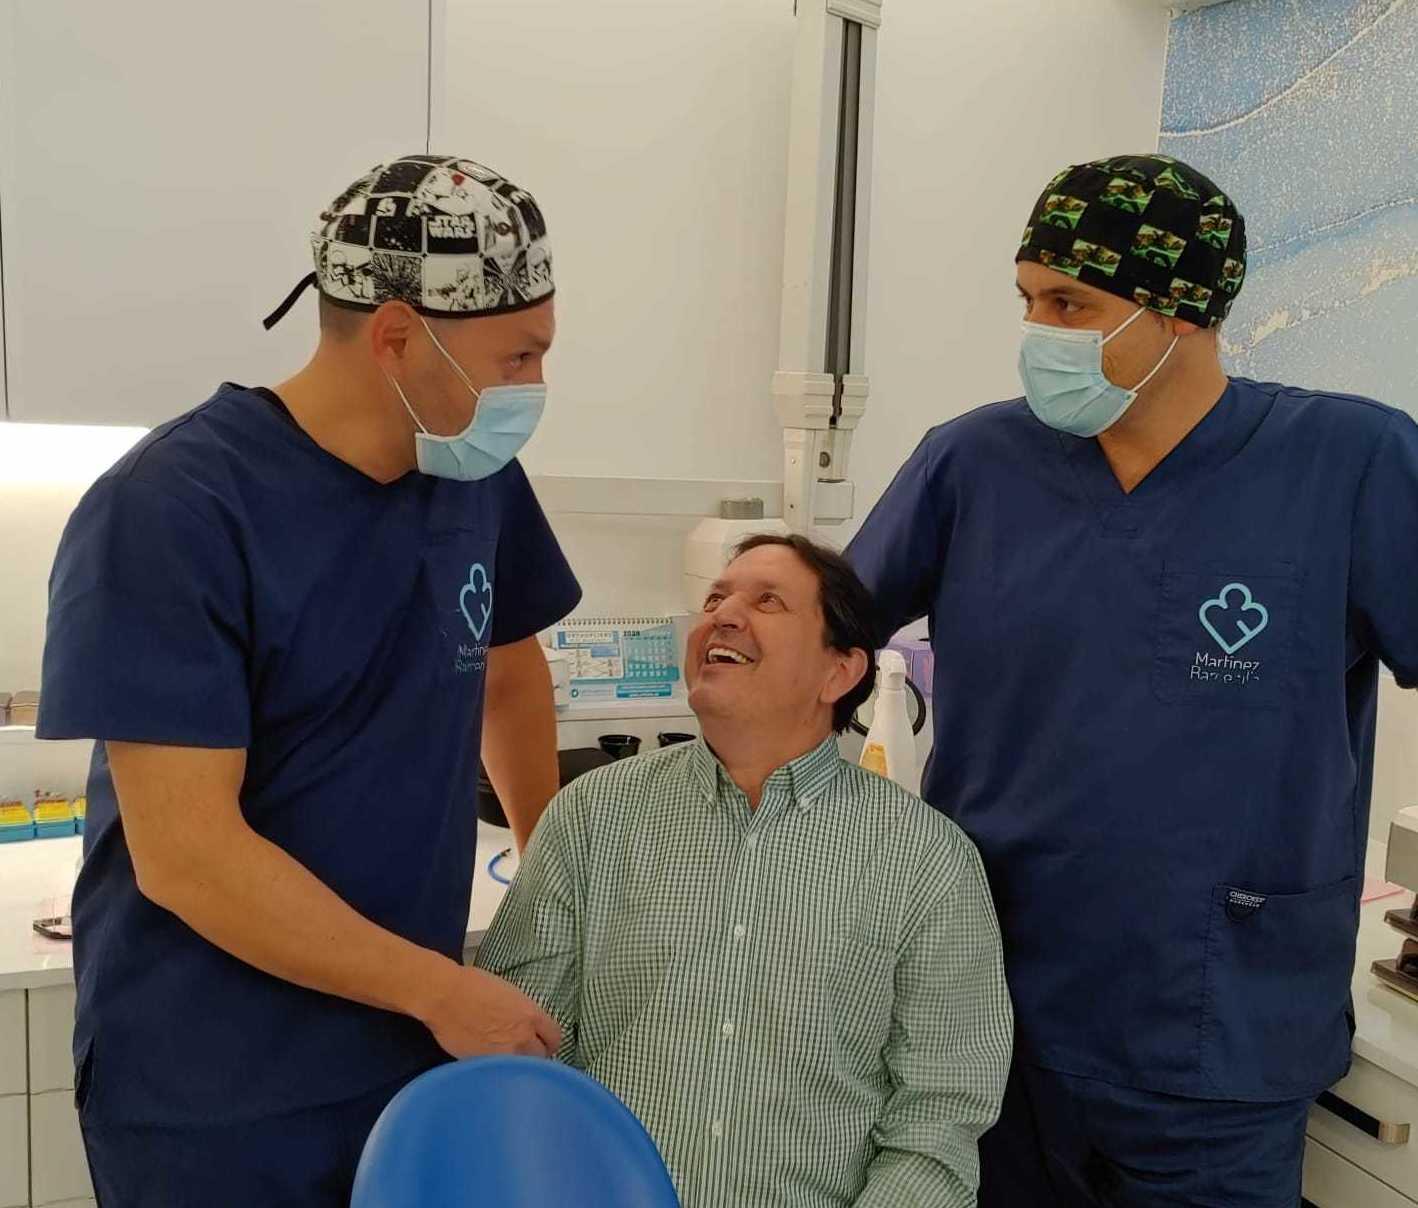 Paciente muy contento por el trabajo realizado en conjunto por Dr. Carlos Martinez Barcenilla y el Dr. Victor Garcia Vives